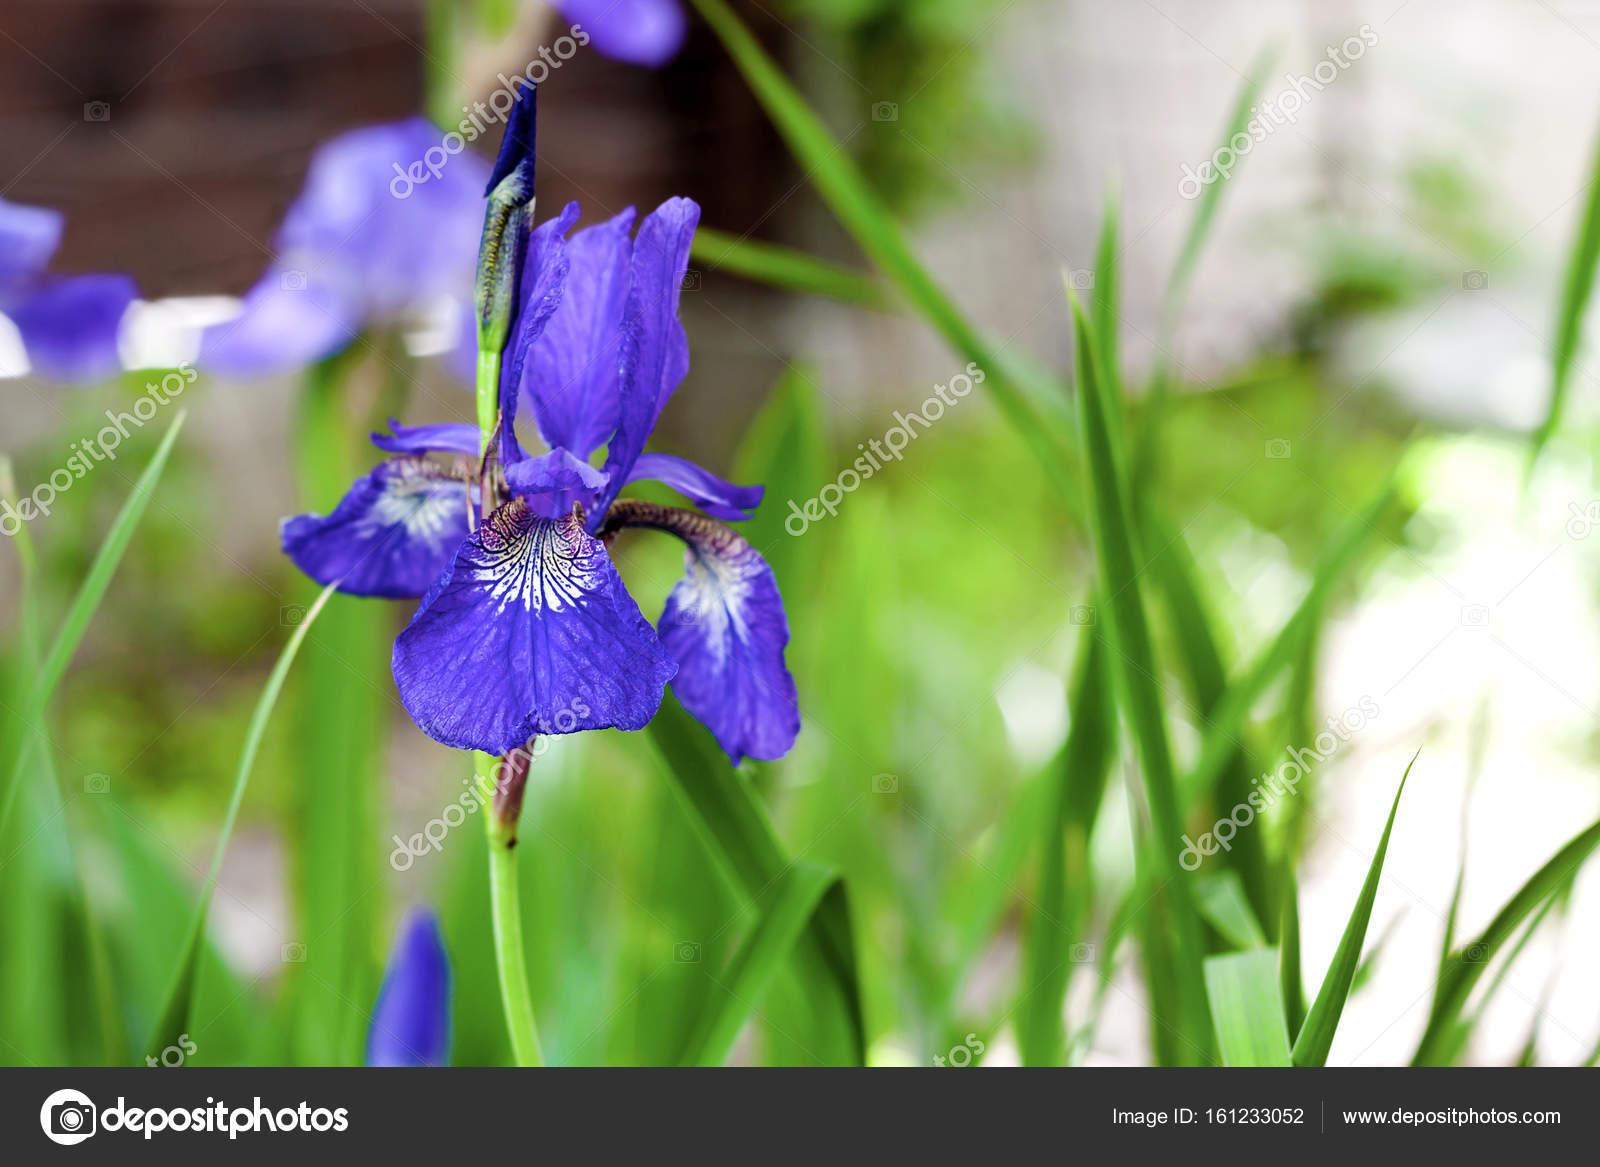 Blue siberian iris flower closeup on green garden background stock blue siberian iris flower closeup on green garden background photo by tynza izmirmasajfo